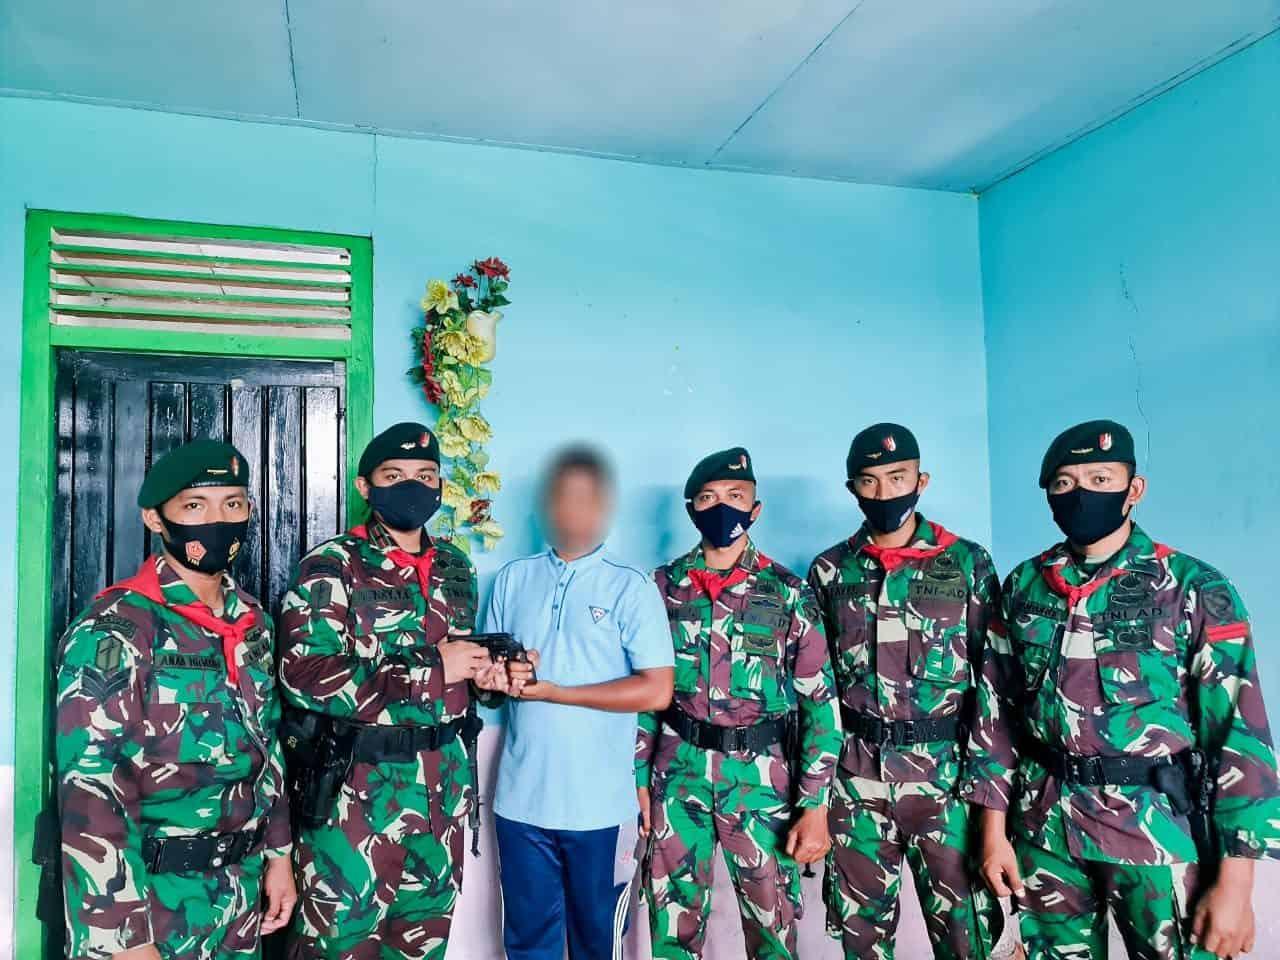 Lagi, Satgas Yonif RK 732/Banau Terima 1 Pucuk Senjata Organik dari Warga Maluku